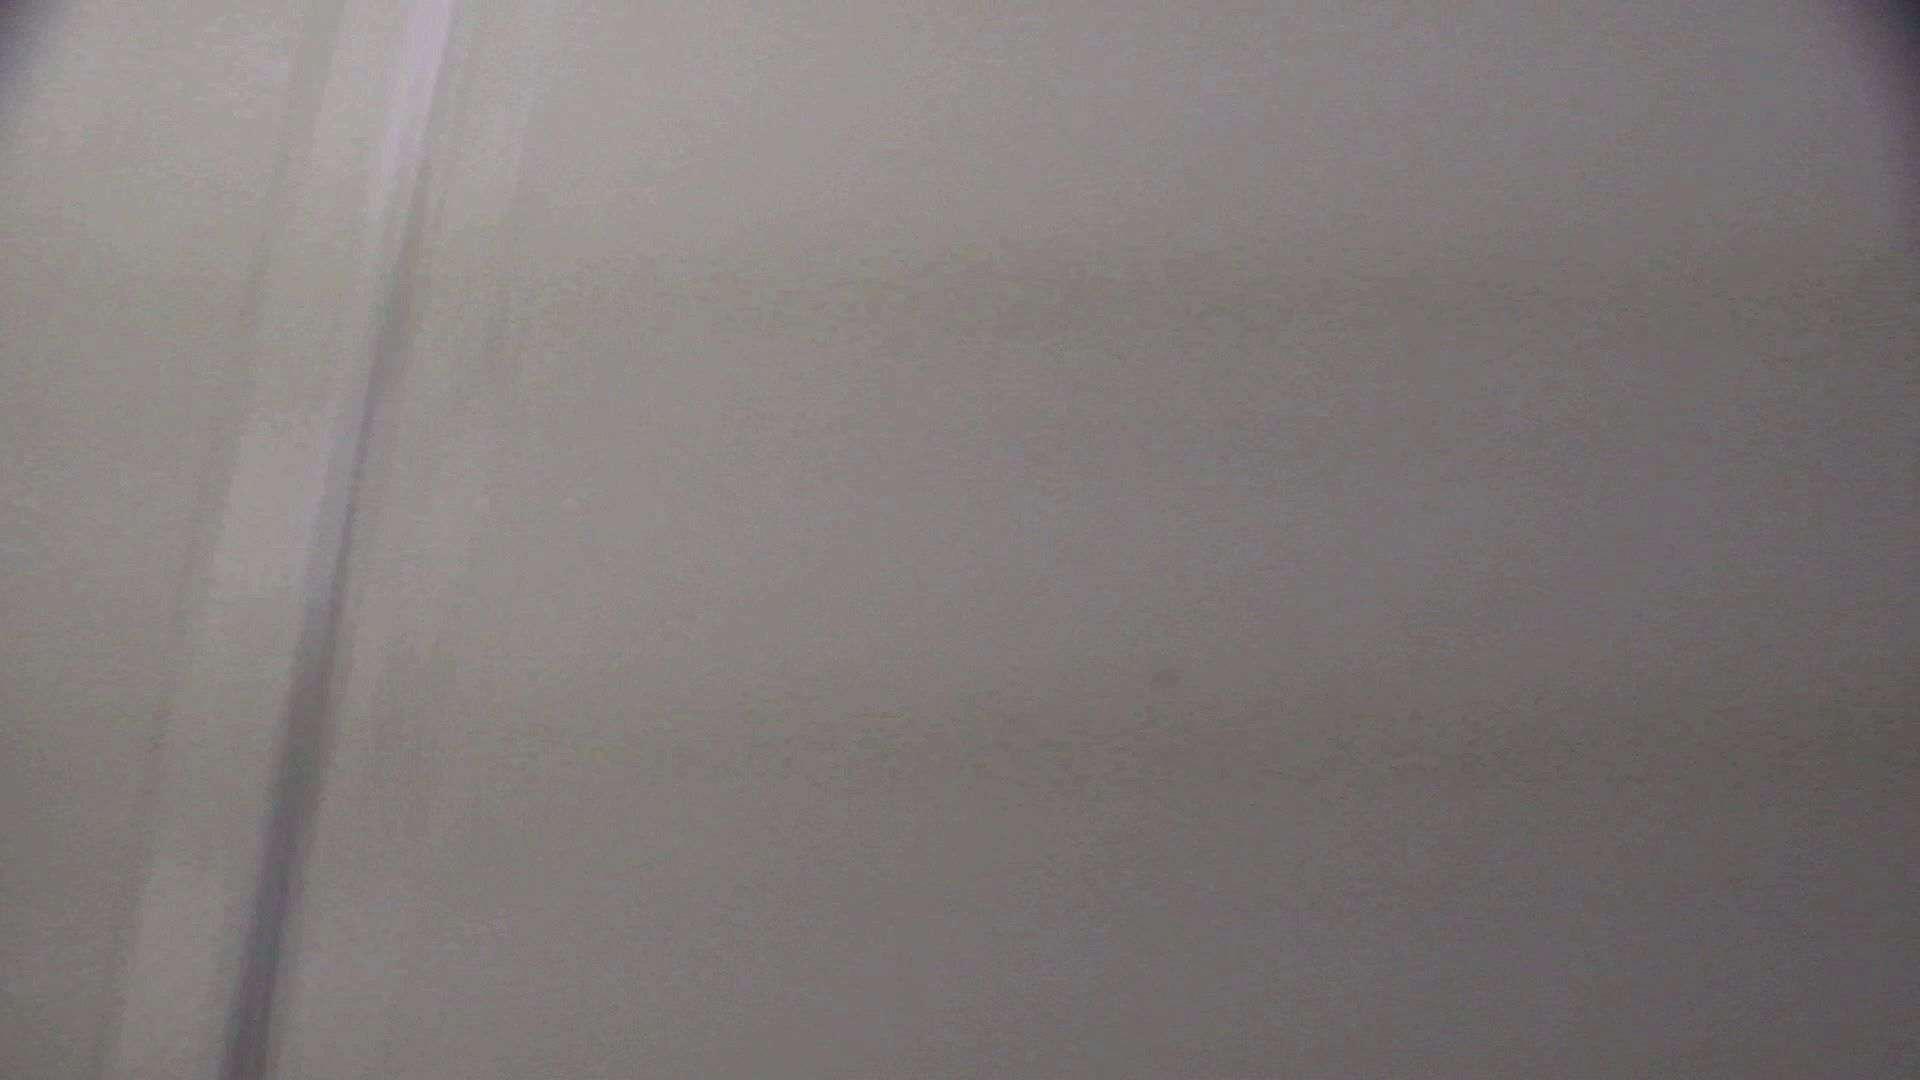 vol.04 命がけ潜伏洗面所! オシリのお肌が荒れ気味ですか? エロいOL アダルト動画キャプチャ 87枚